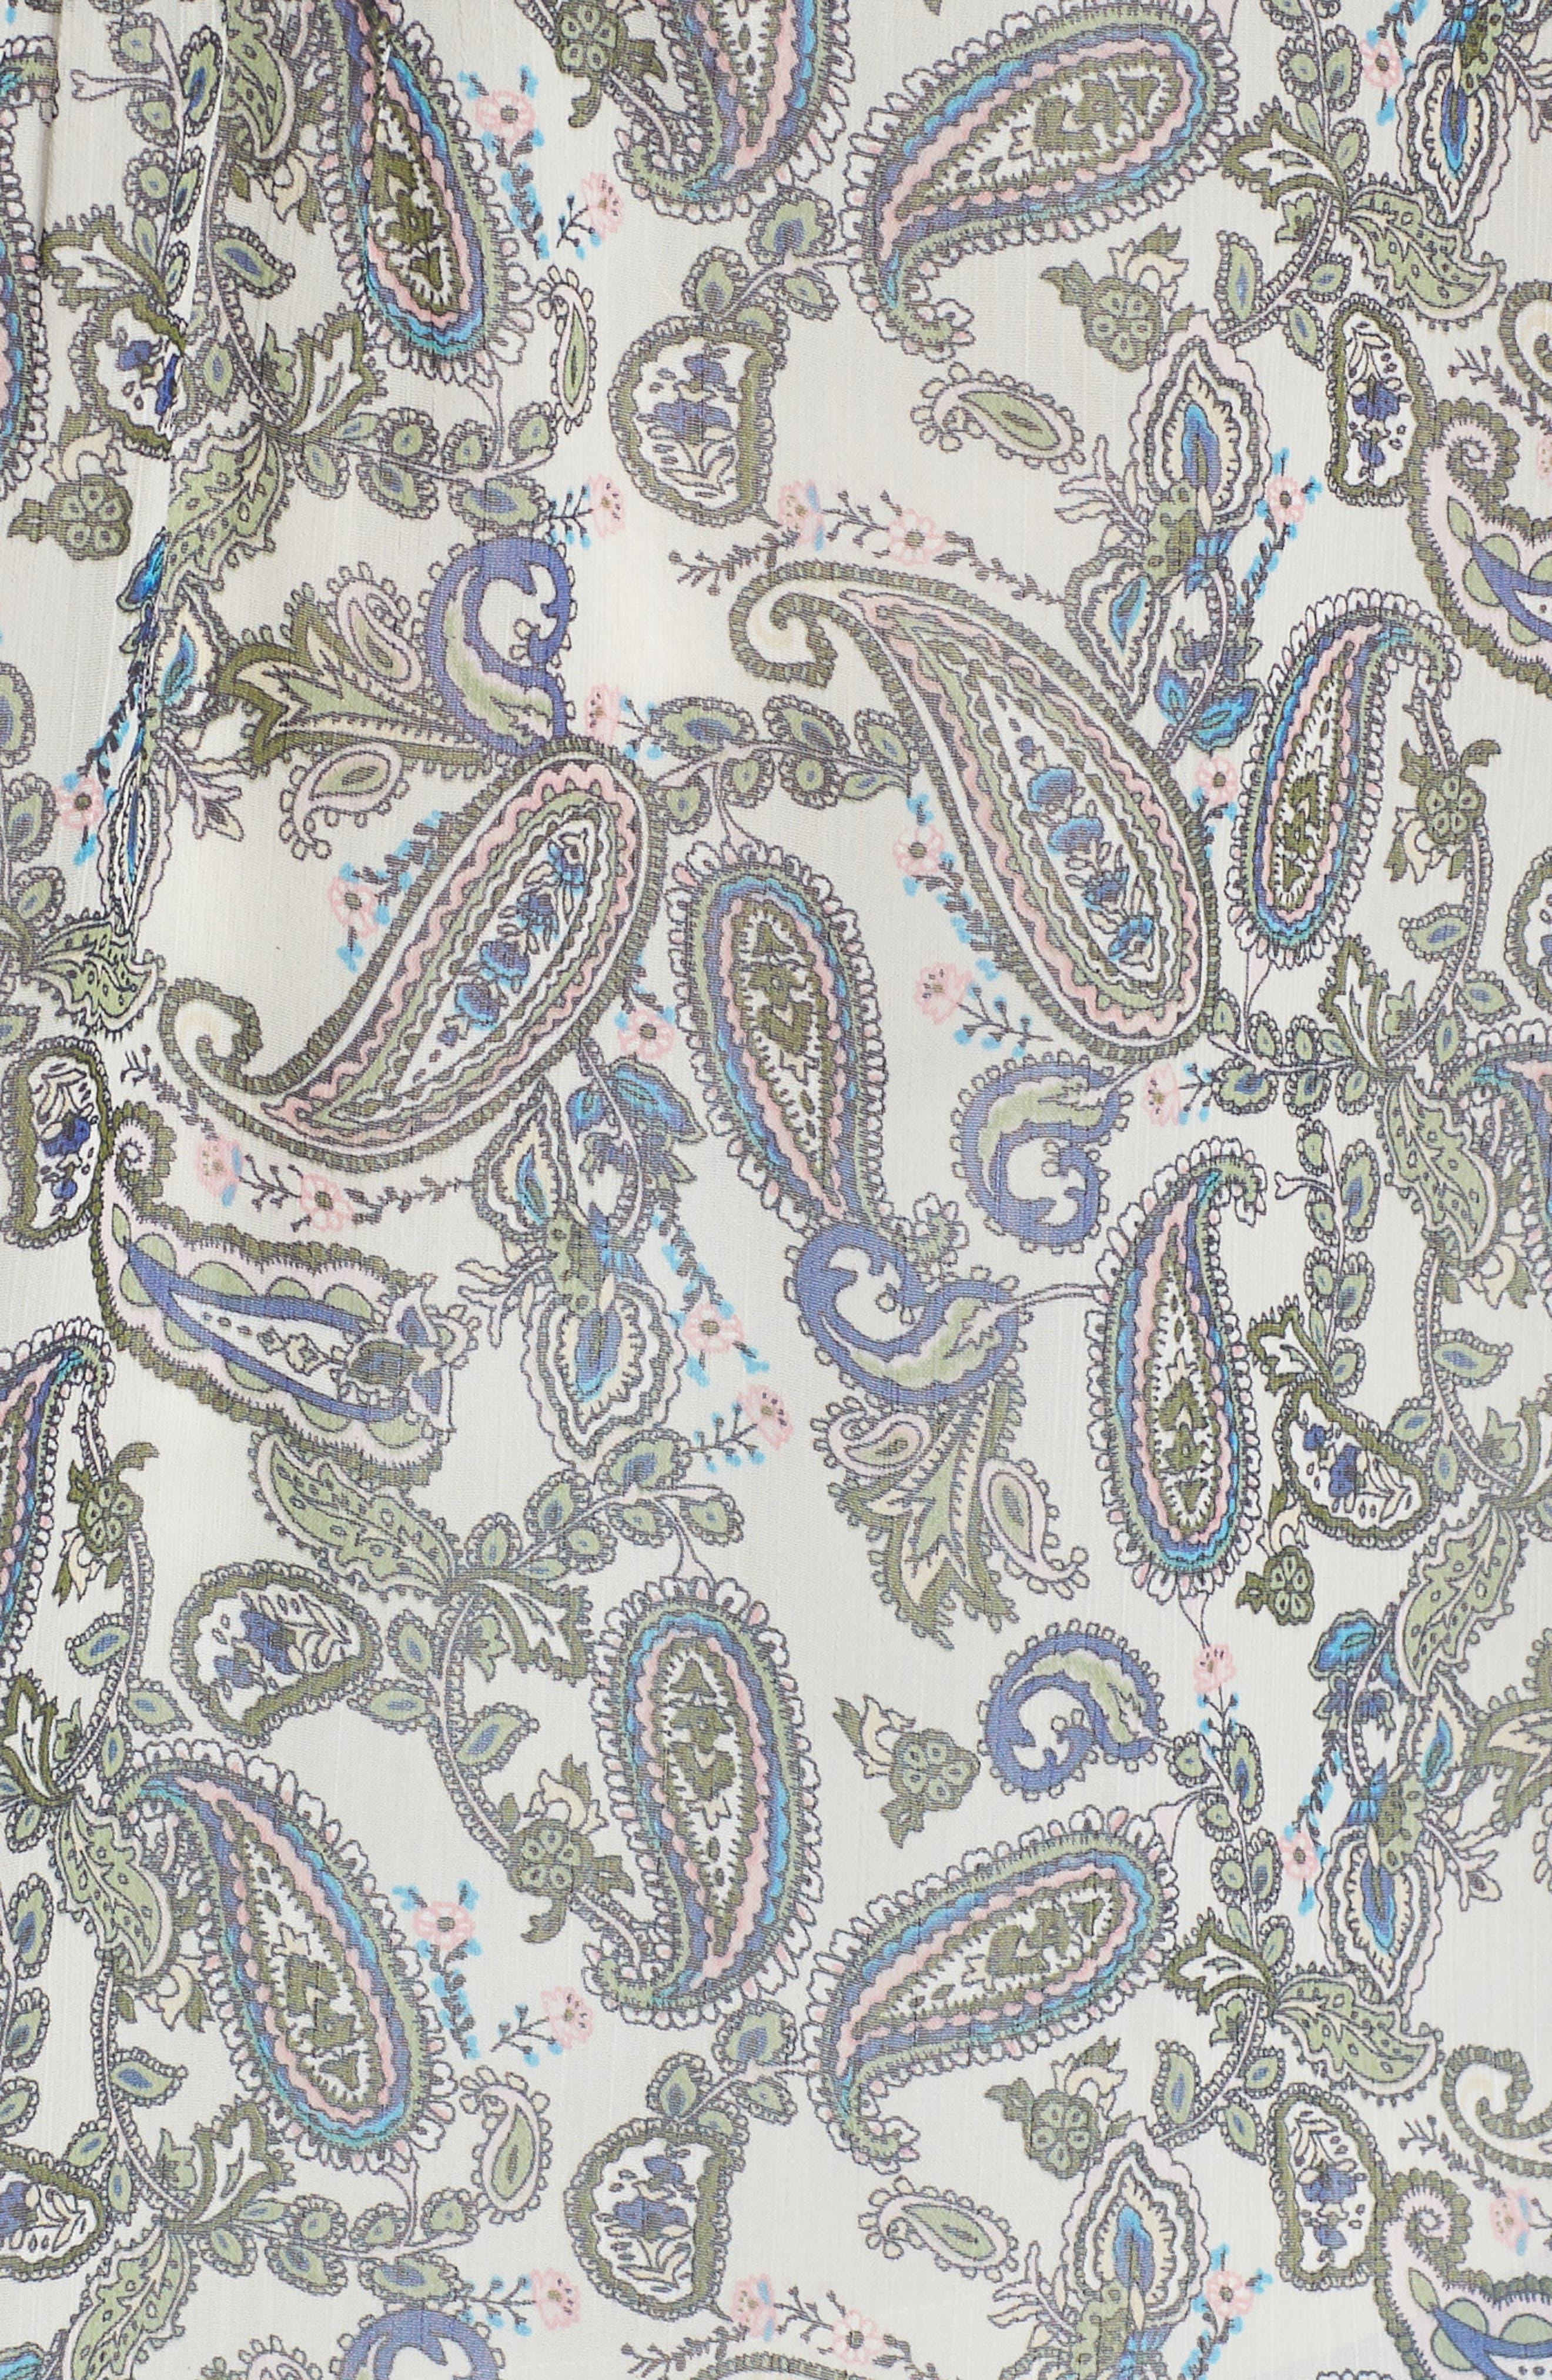 Crochet Trim Print Top,                             Alternate thumbnail 6, color,                             D089n Sage